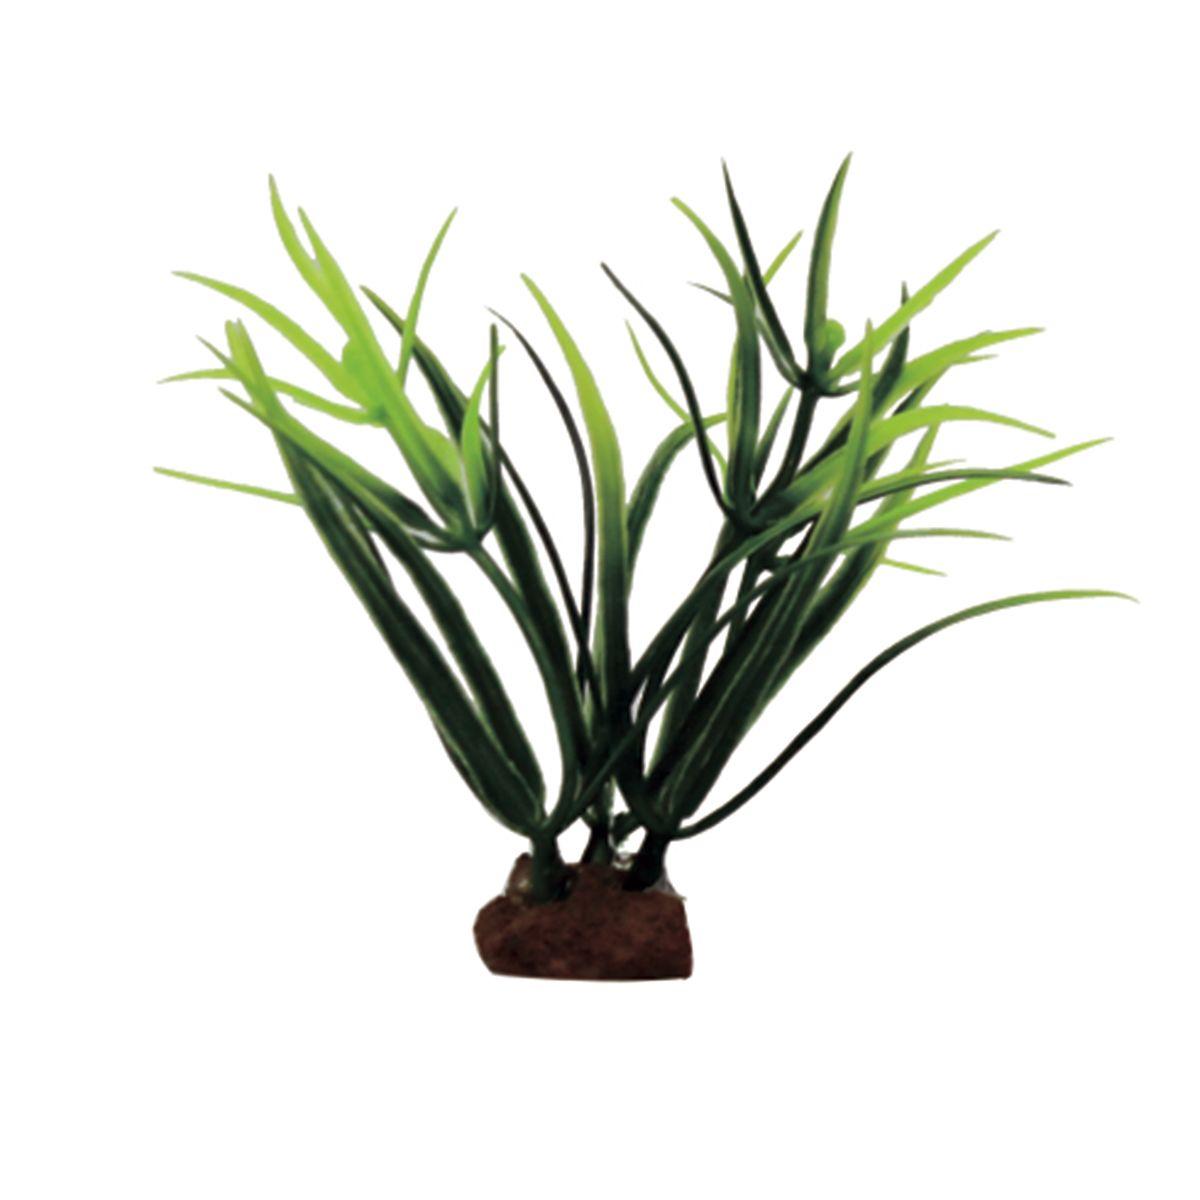 Растение для аквариума ArtUniq Лагаросифон мадагаскарский , высота 10 см, 6 штART-1170525Растение для аквариума ArtUniq Лагаросифон мадагаскарский , высота 10 см, 6 шт